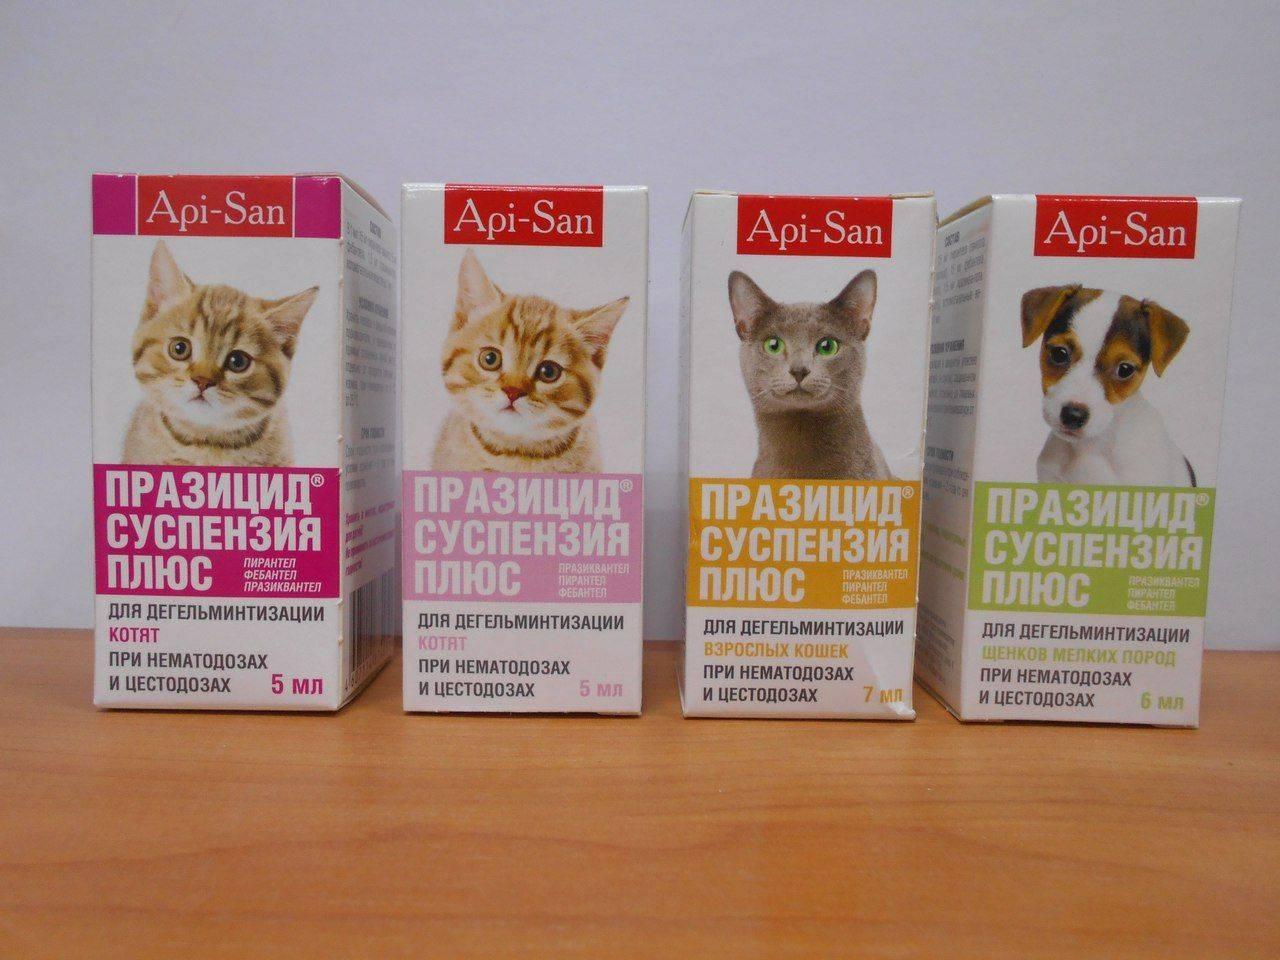 Обзор препарата празицид для кошек и котят: инструкция по применению, отзывы